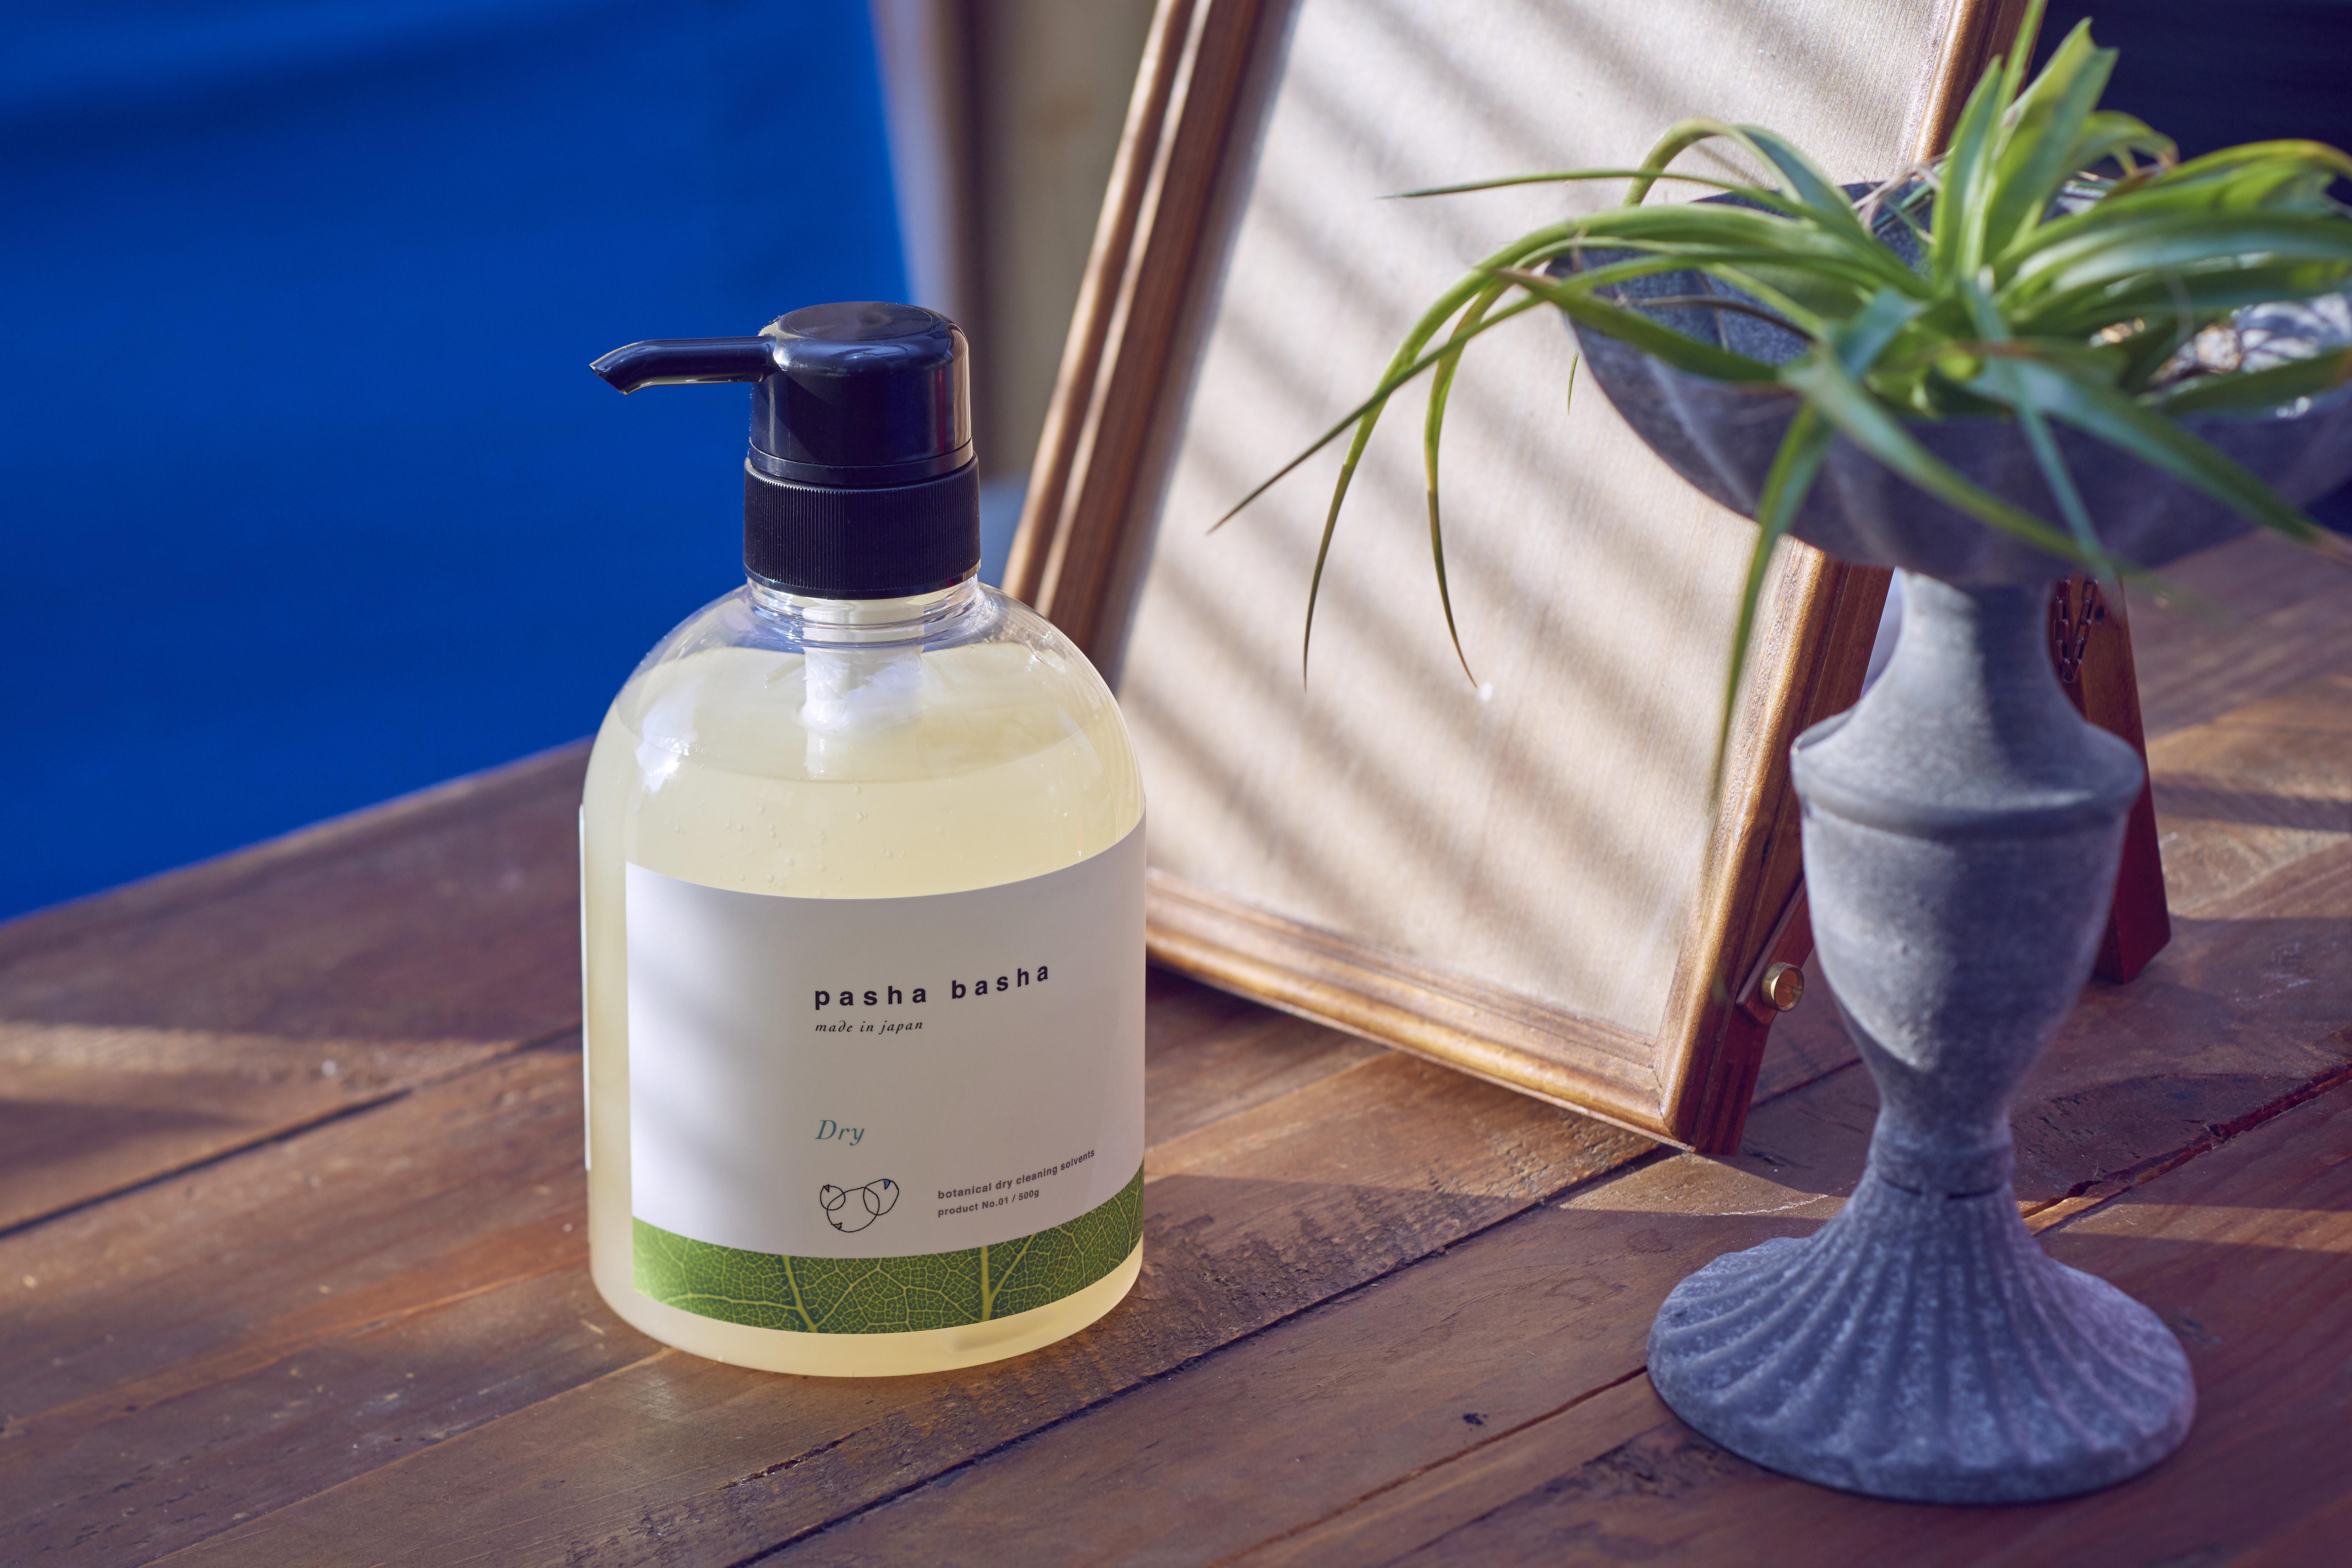 bottle_dry.jpg